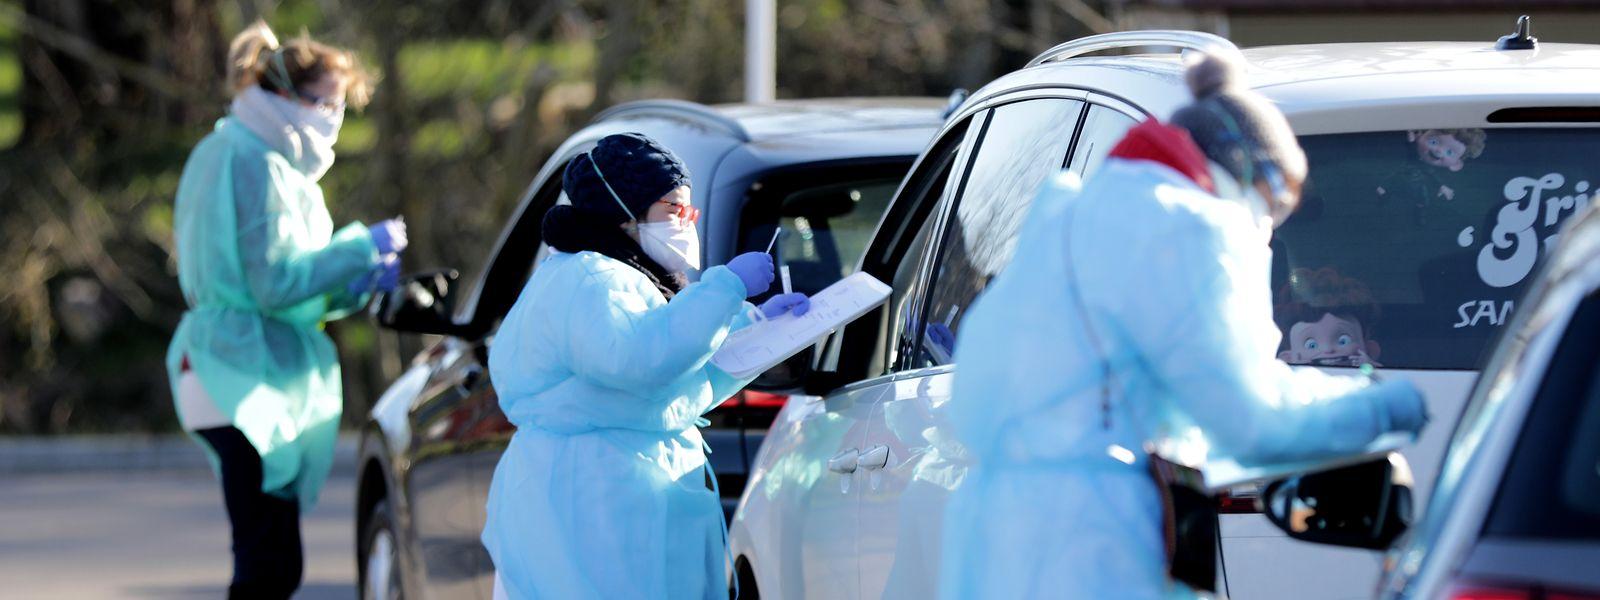 Bisher wurden im Großherzogtum 23.687 Tests durchgeführt.